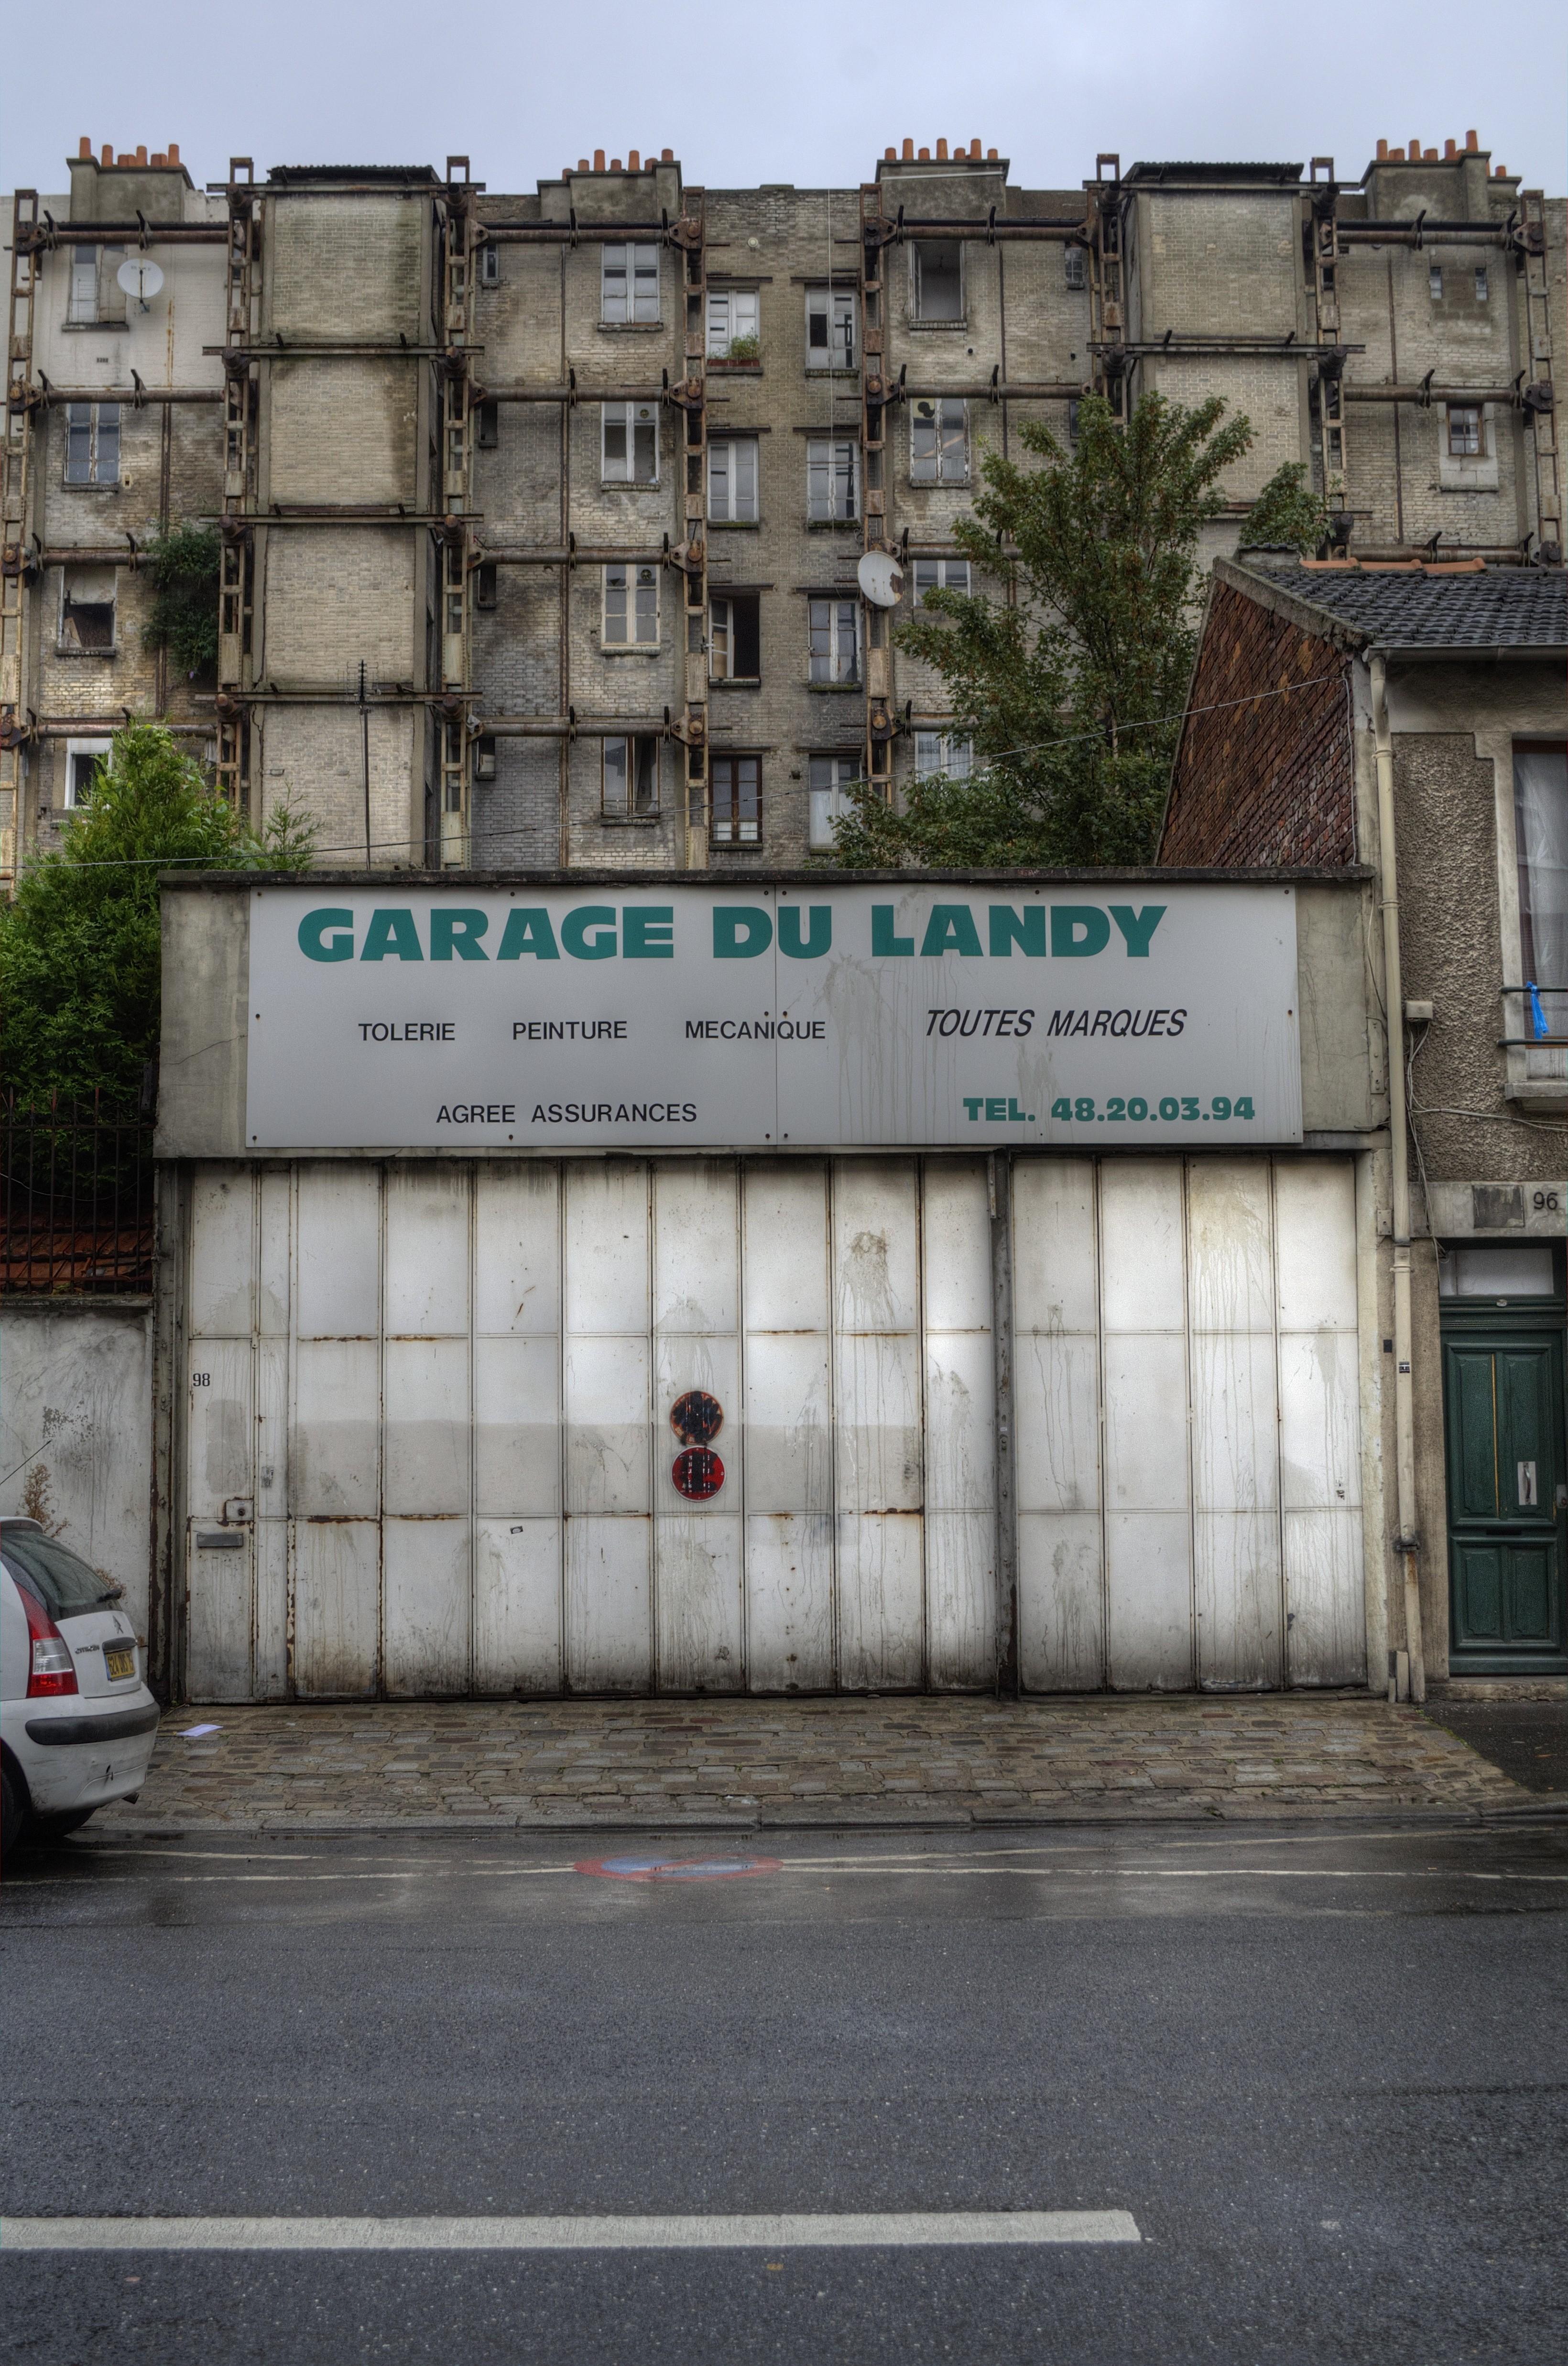 garage du landy st denis 15481858176 o les myst res de paname. Black Bedroom Furniture Sets. Home Design Ideas